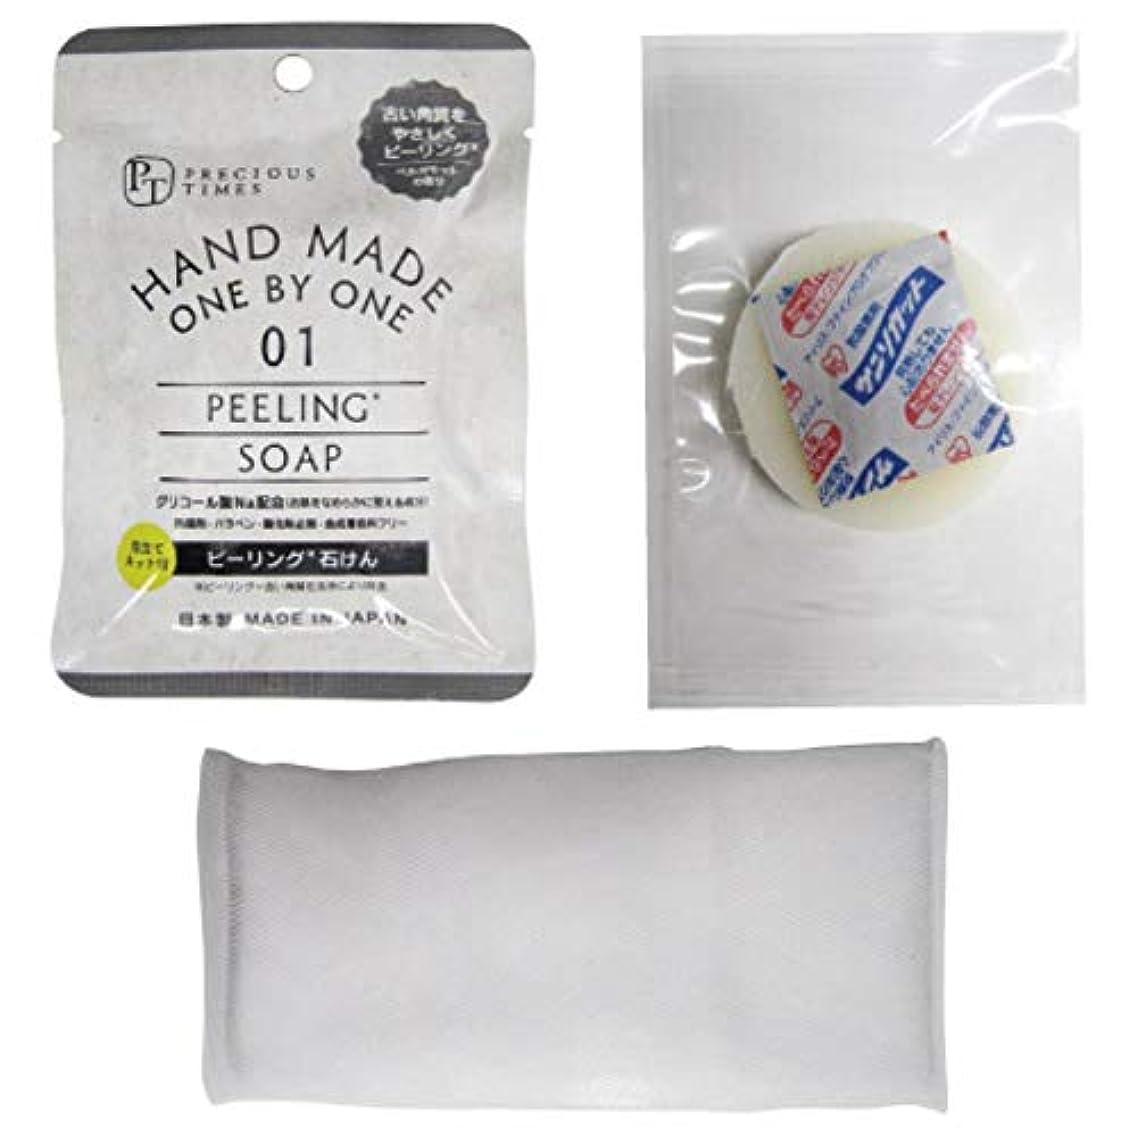 レルムそんなに累計ピーリング石鹸 12g ベルガモット 香り 泡立てネット付 PEELING SOAP 日本製 HAND MADE 角質除去 防腐剤等無添加 わくねり化粧石けん